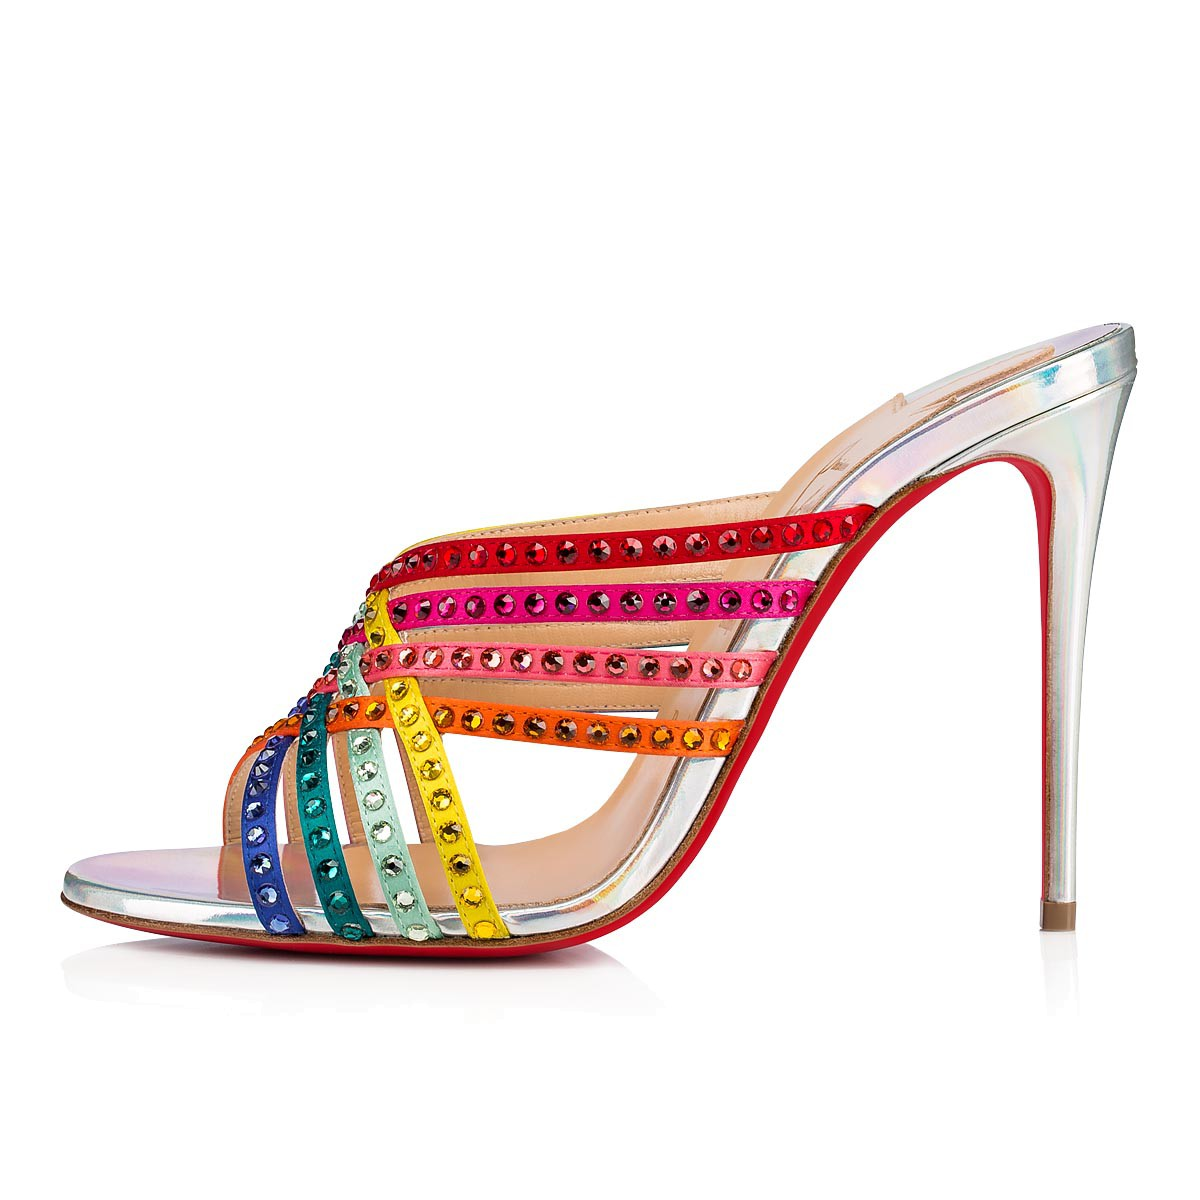 鞋履 - Marthastrass 100 Strass - Christian Louboutin